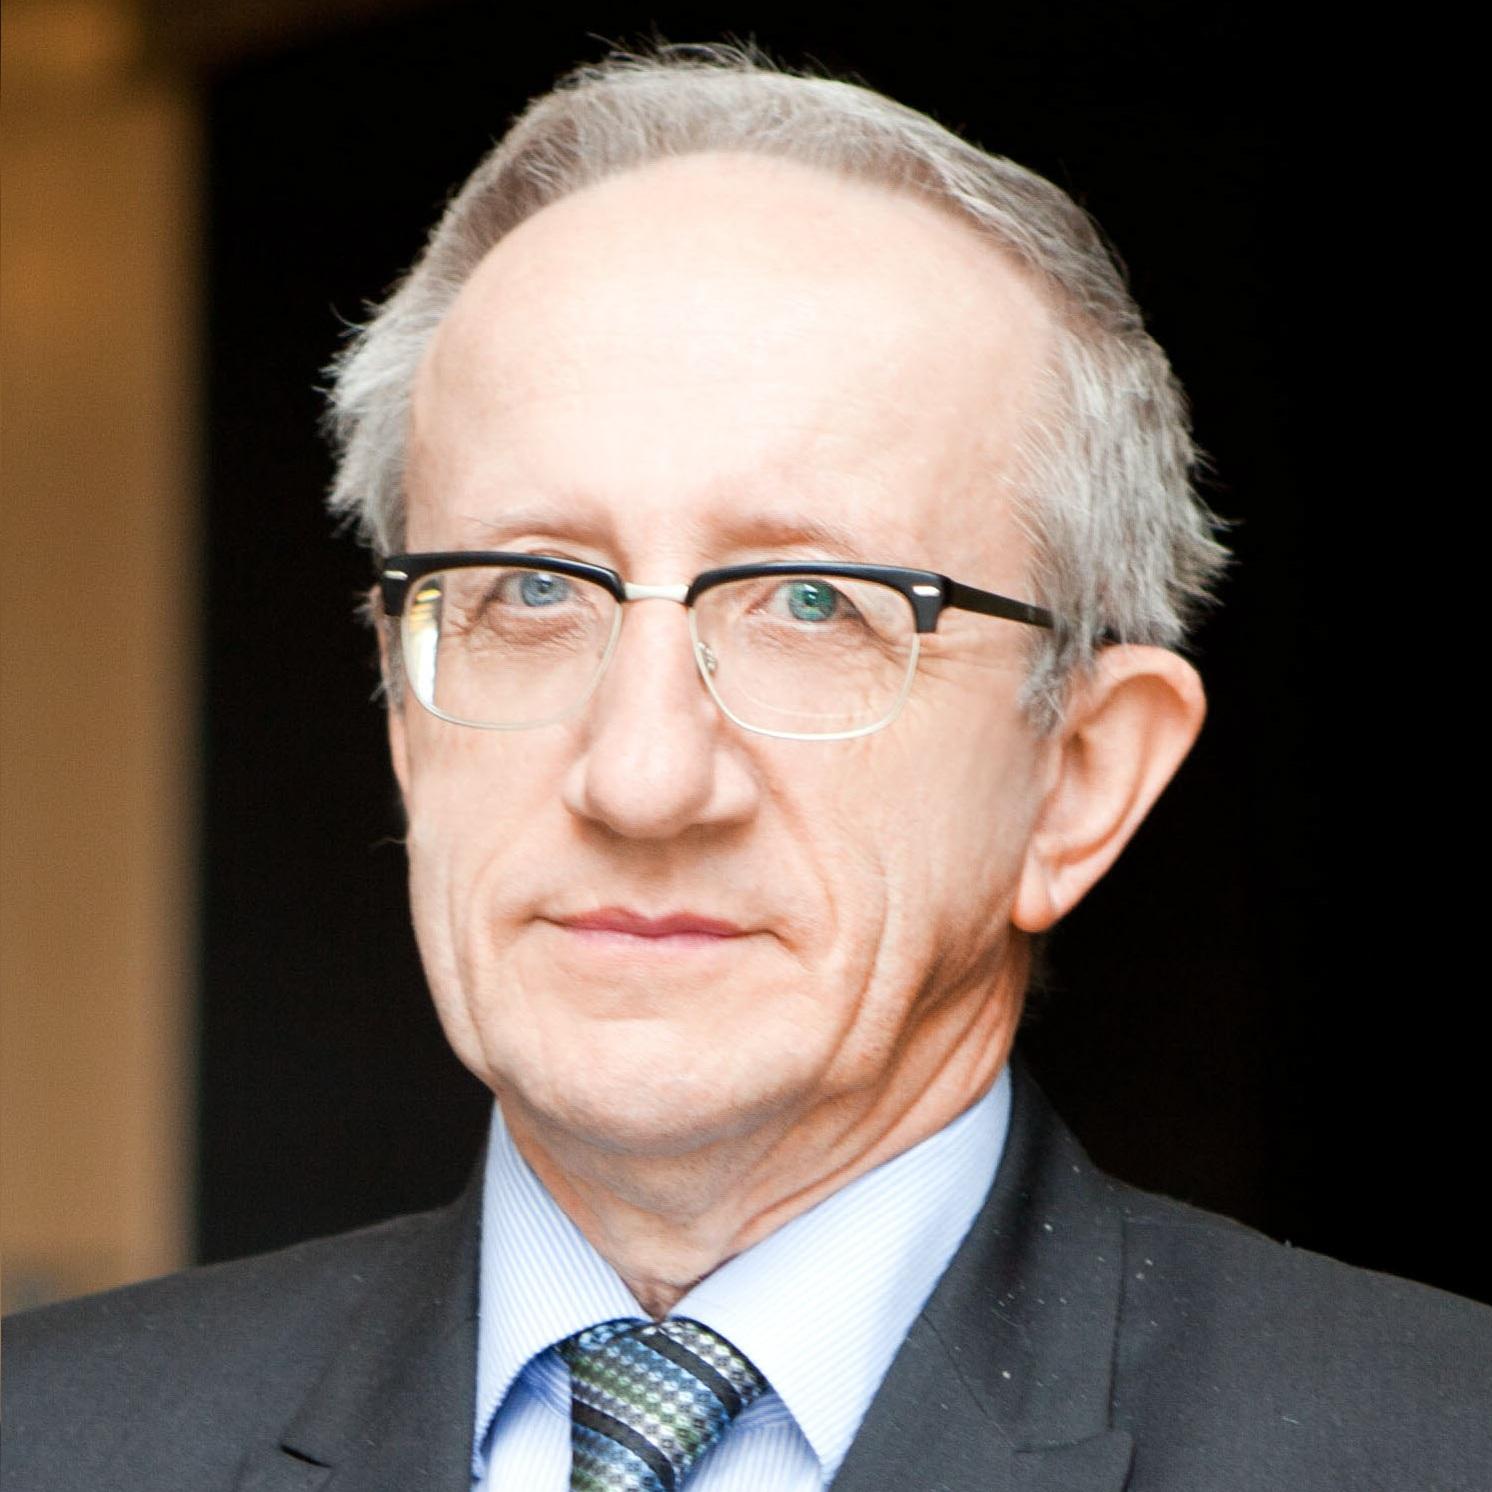 Jerzy Czajewski